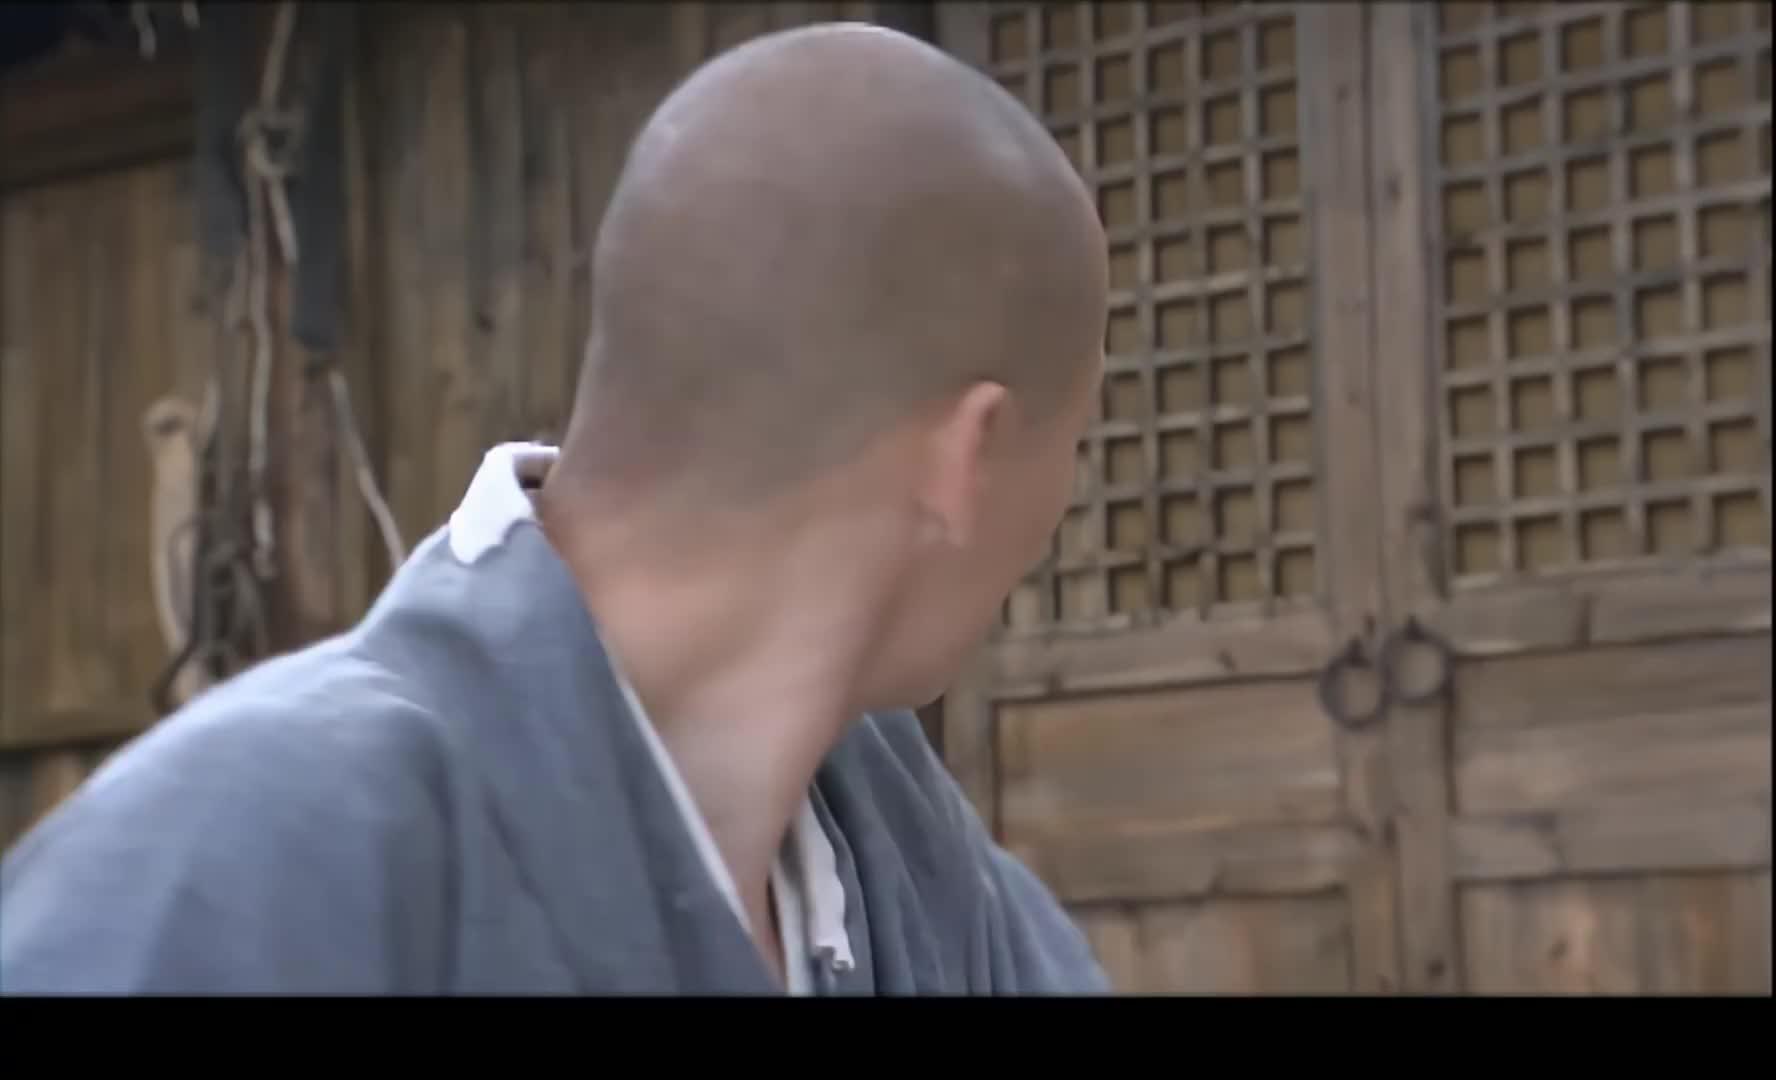 天龙八部:虚竹原谅了缘根,他跪地上感谢,还要给他弄酒肉